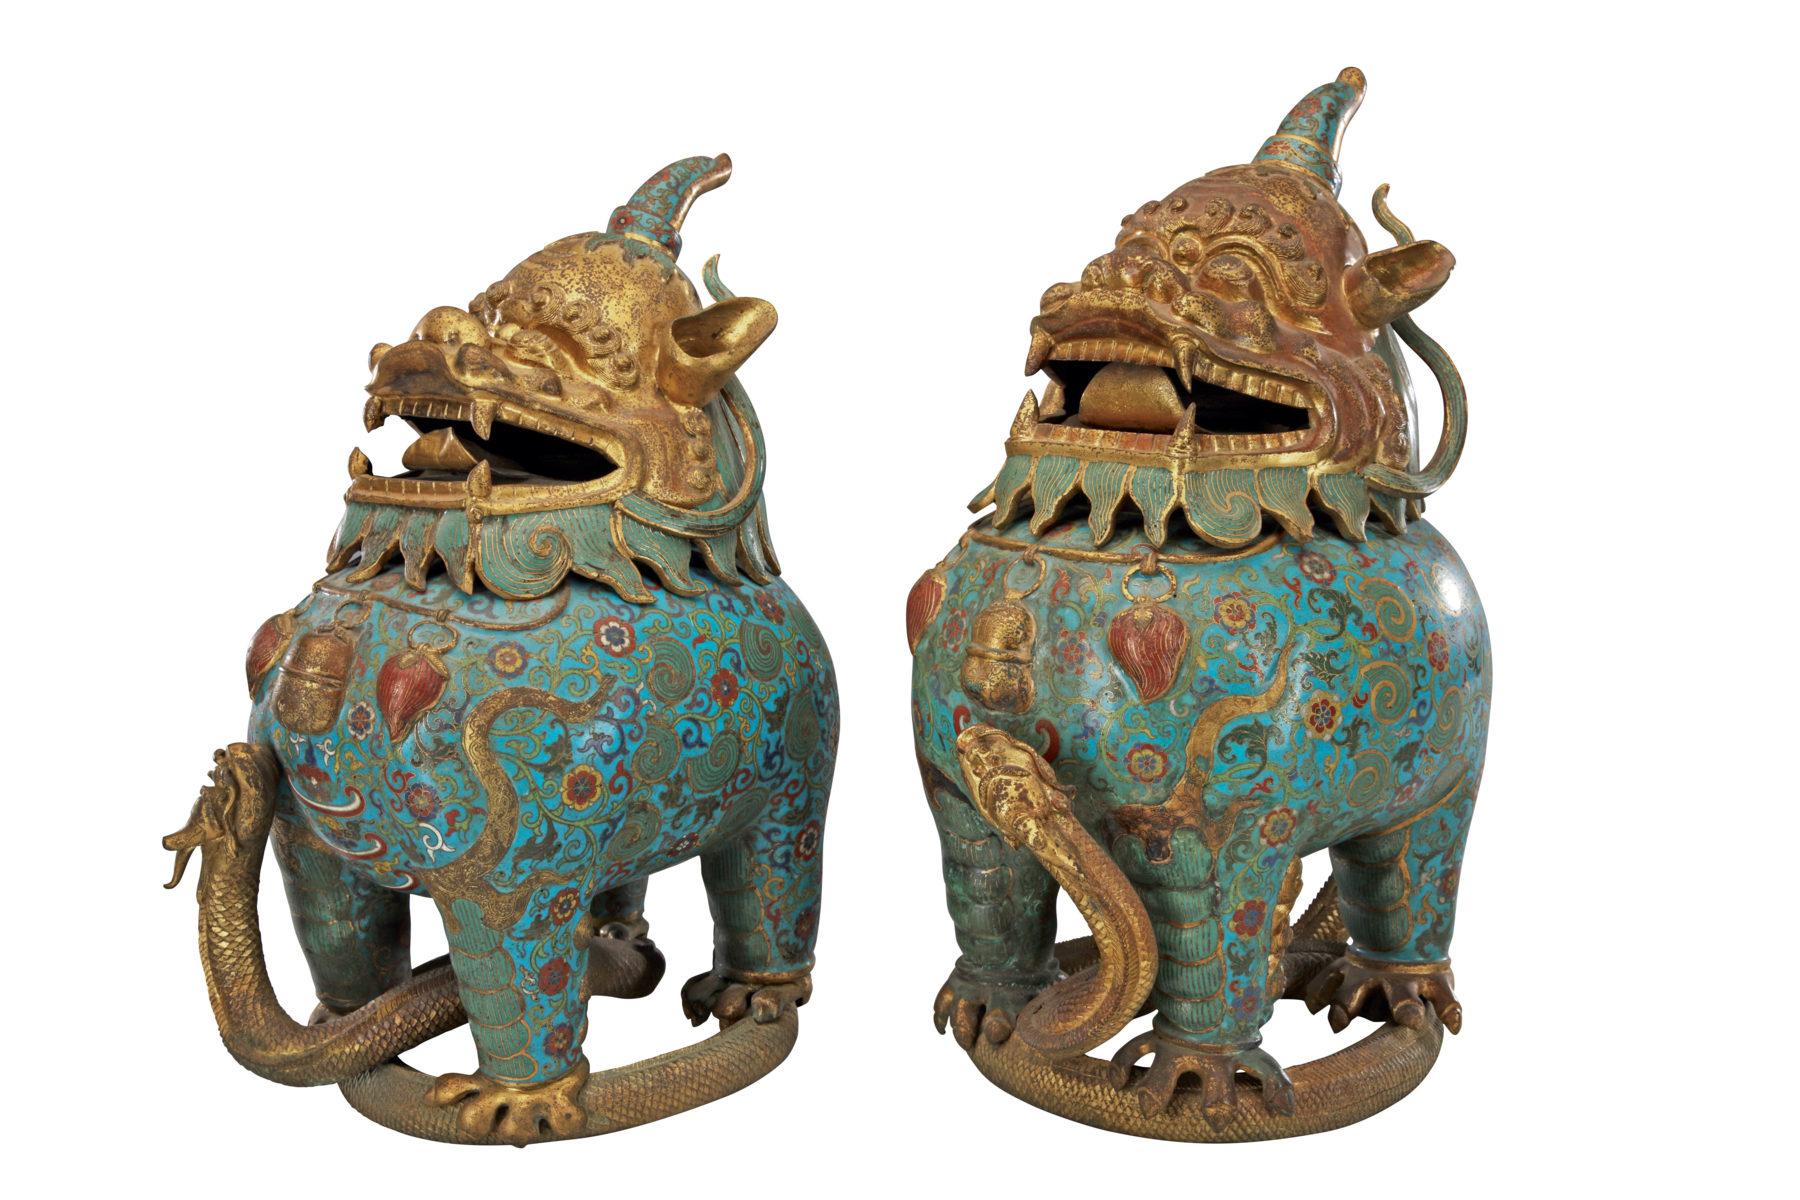 Выставка «Сокровища императорского дворца Гугун. Эпоха процветания Китая в XVIII веке» – события на сайте «Московские Сезоны»